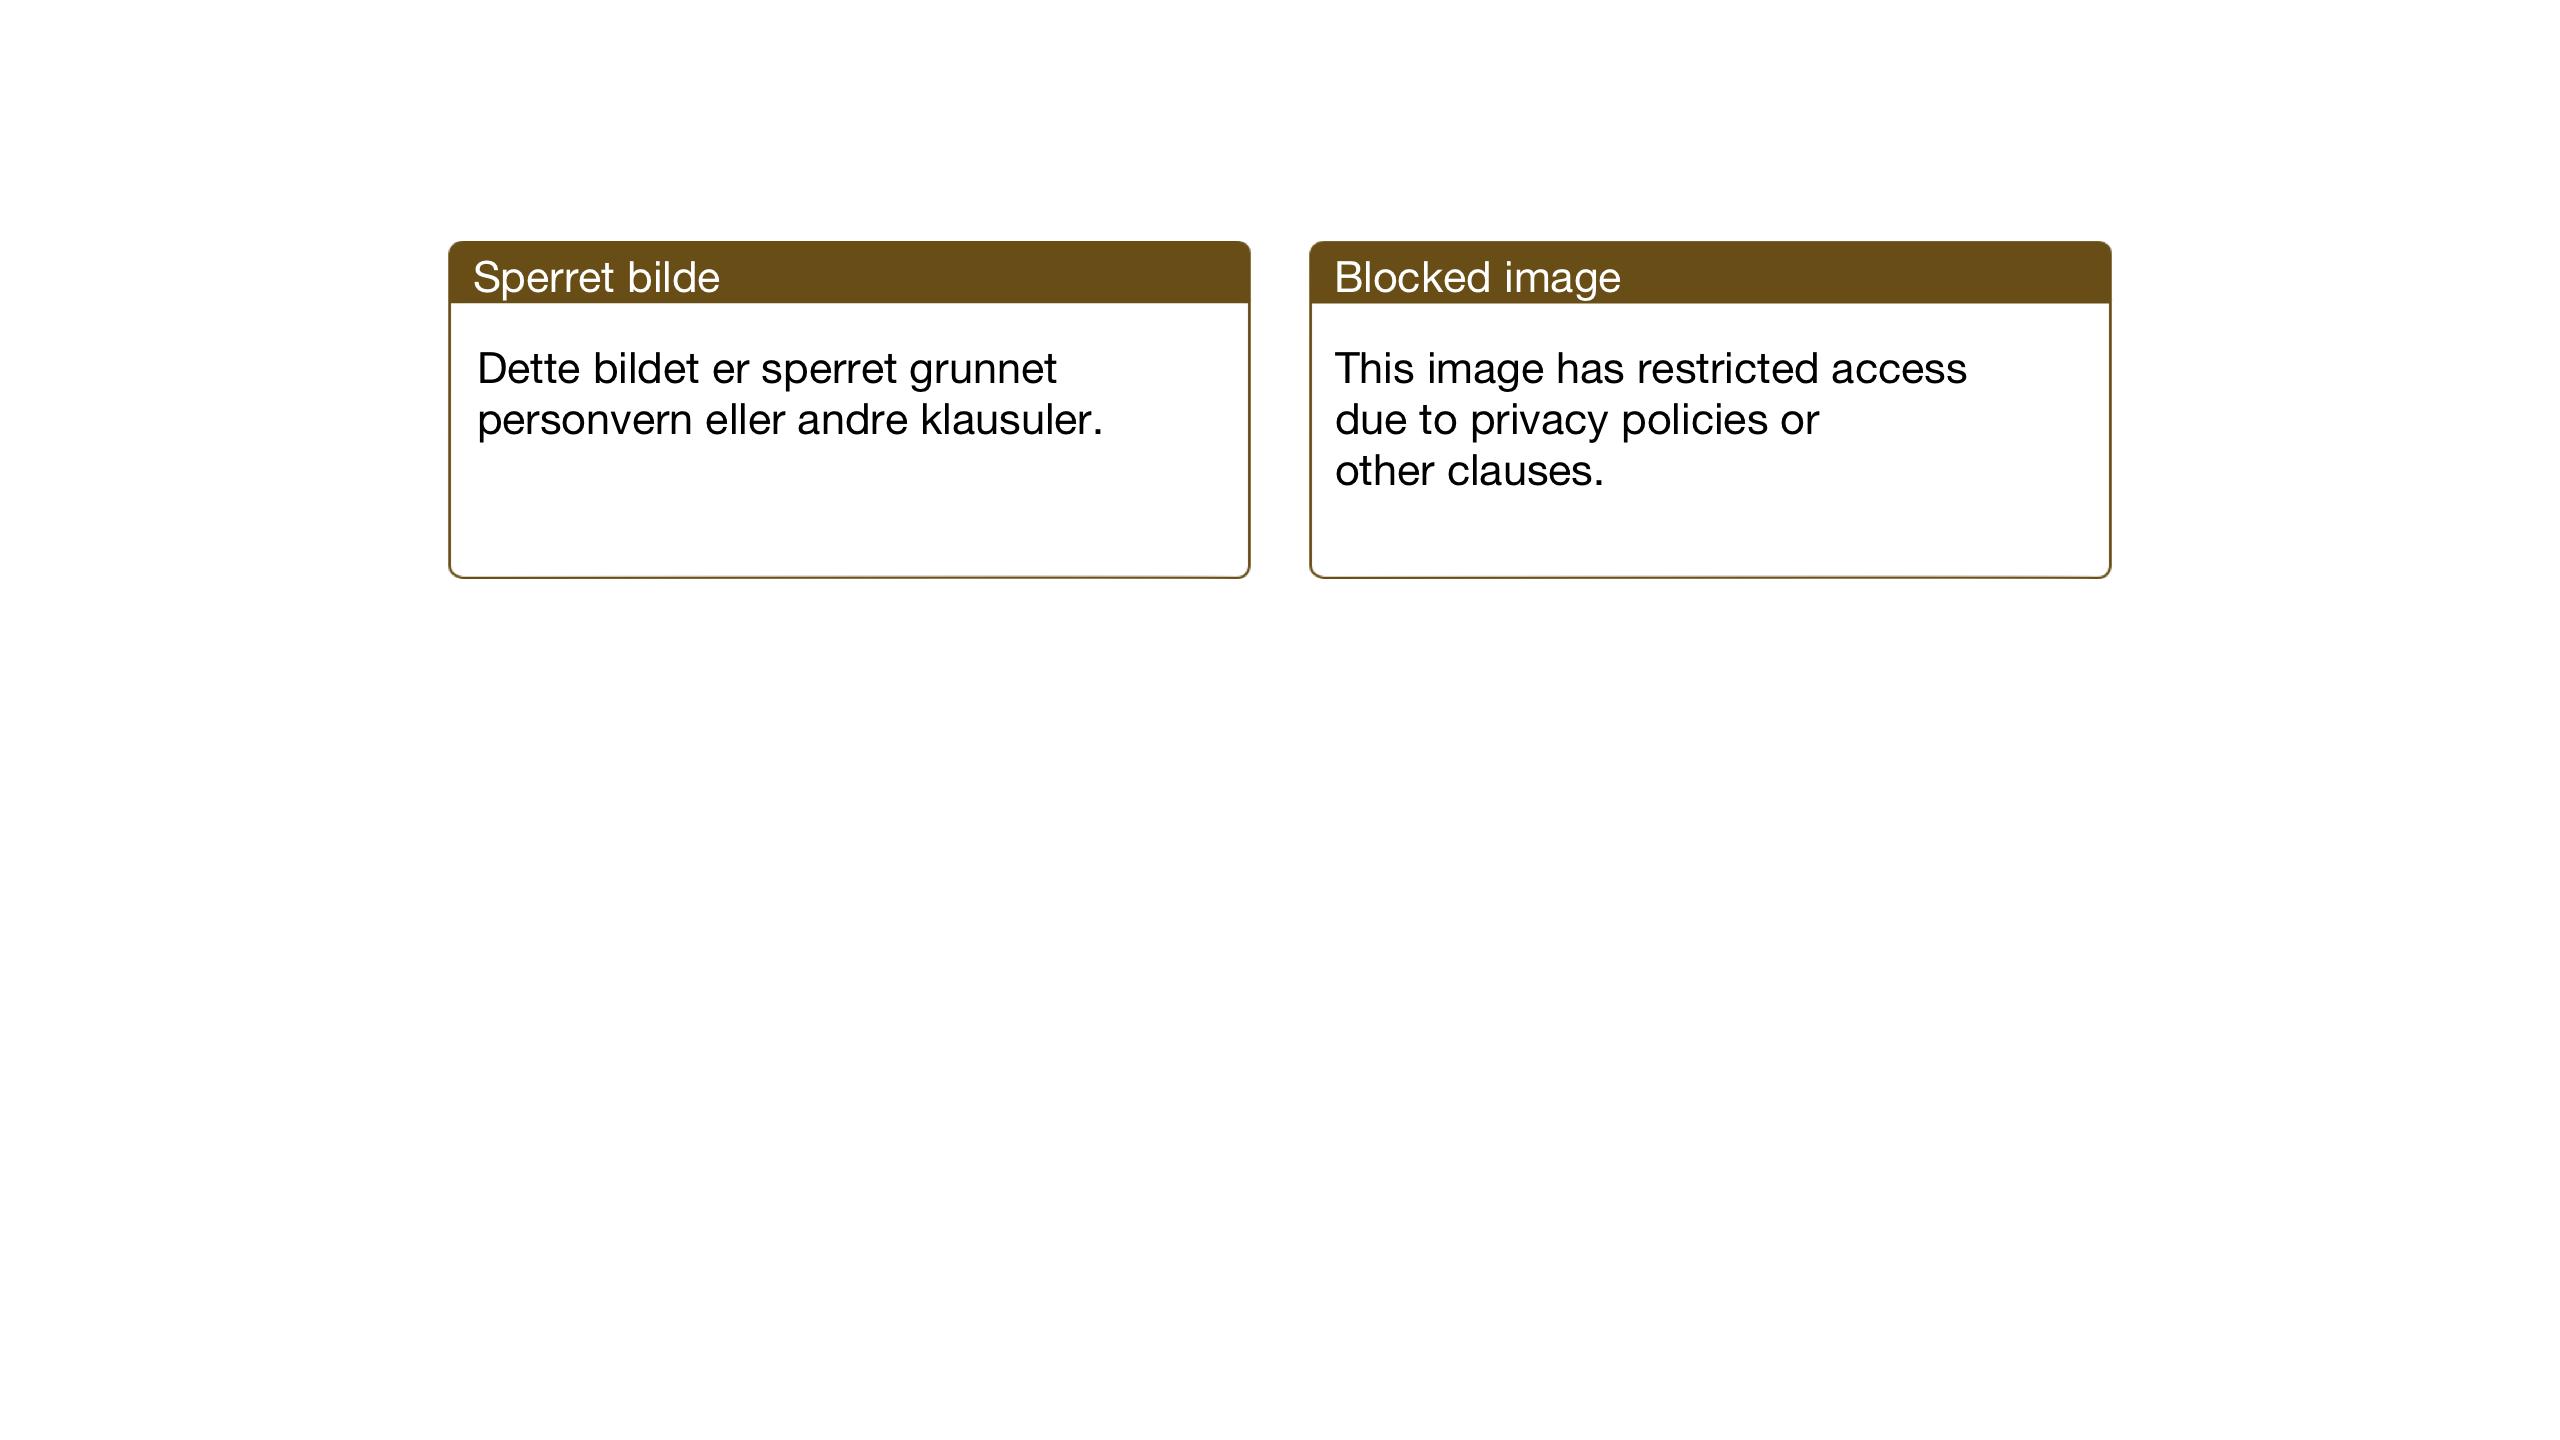 SAT, Ministerialprotokoller, klokkerbøker og fødselsregistre - Nord-Trøndelag, 773/L0625: Klokkerbok nr. 773C01, 1910-1952, s. 231